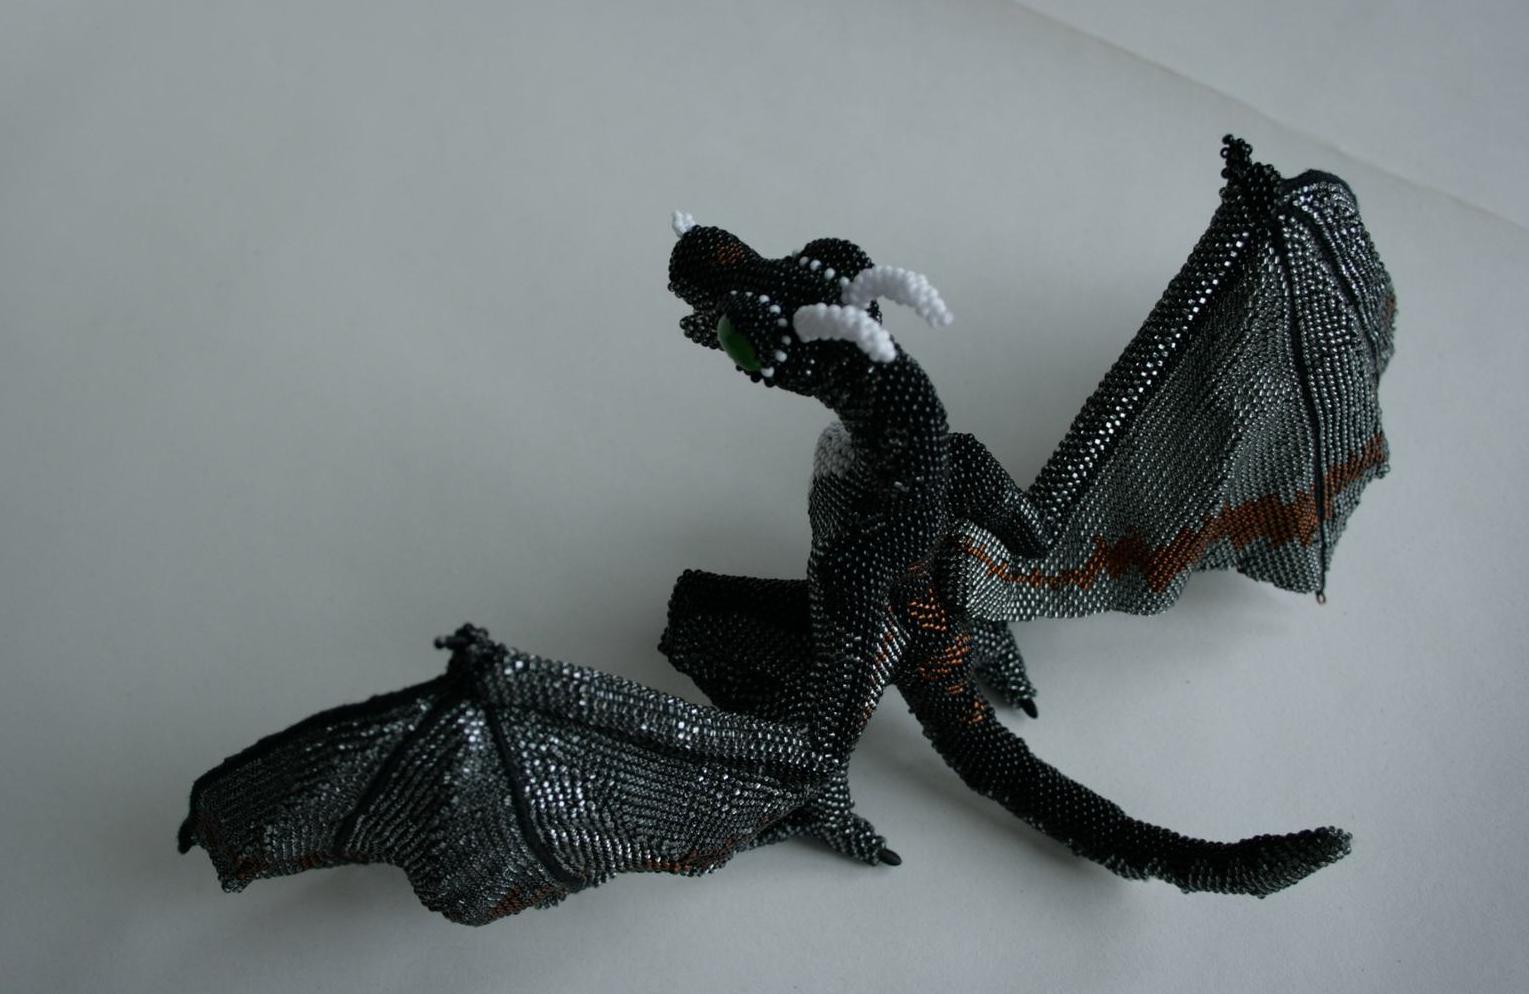 Галерея конкурсных работ - Страница 3 Large_wyvern_0_6_by_bronze_huntress-d4jyhax